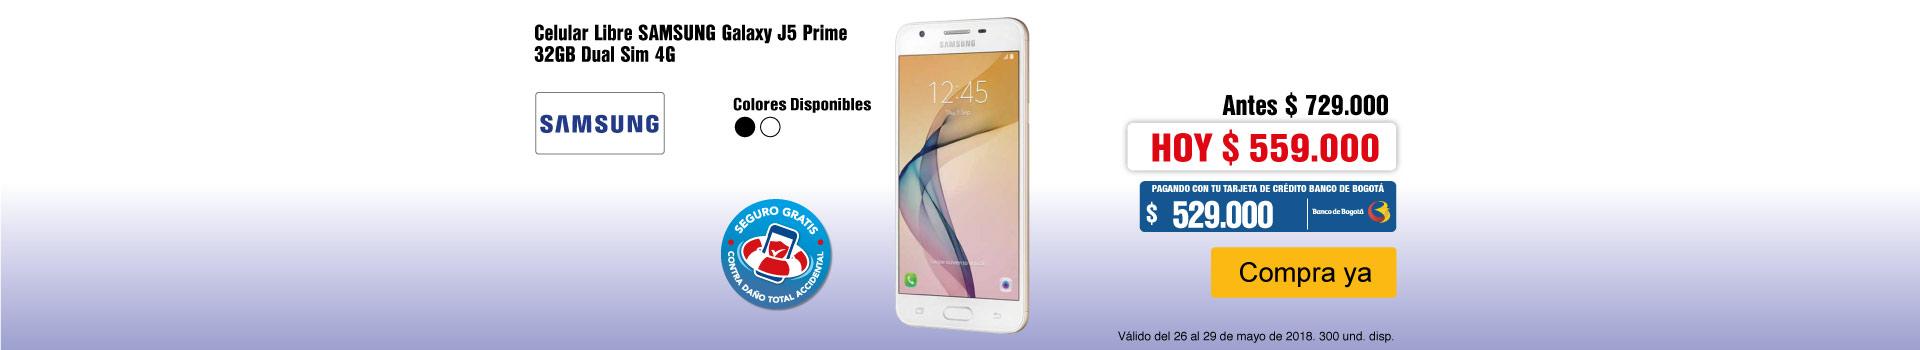 KT-BCAT-1-celulares-PP---Samsung-J5Prime-May26